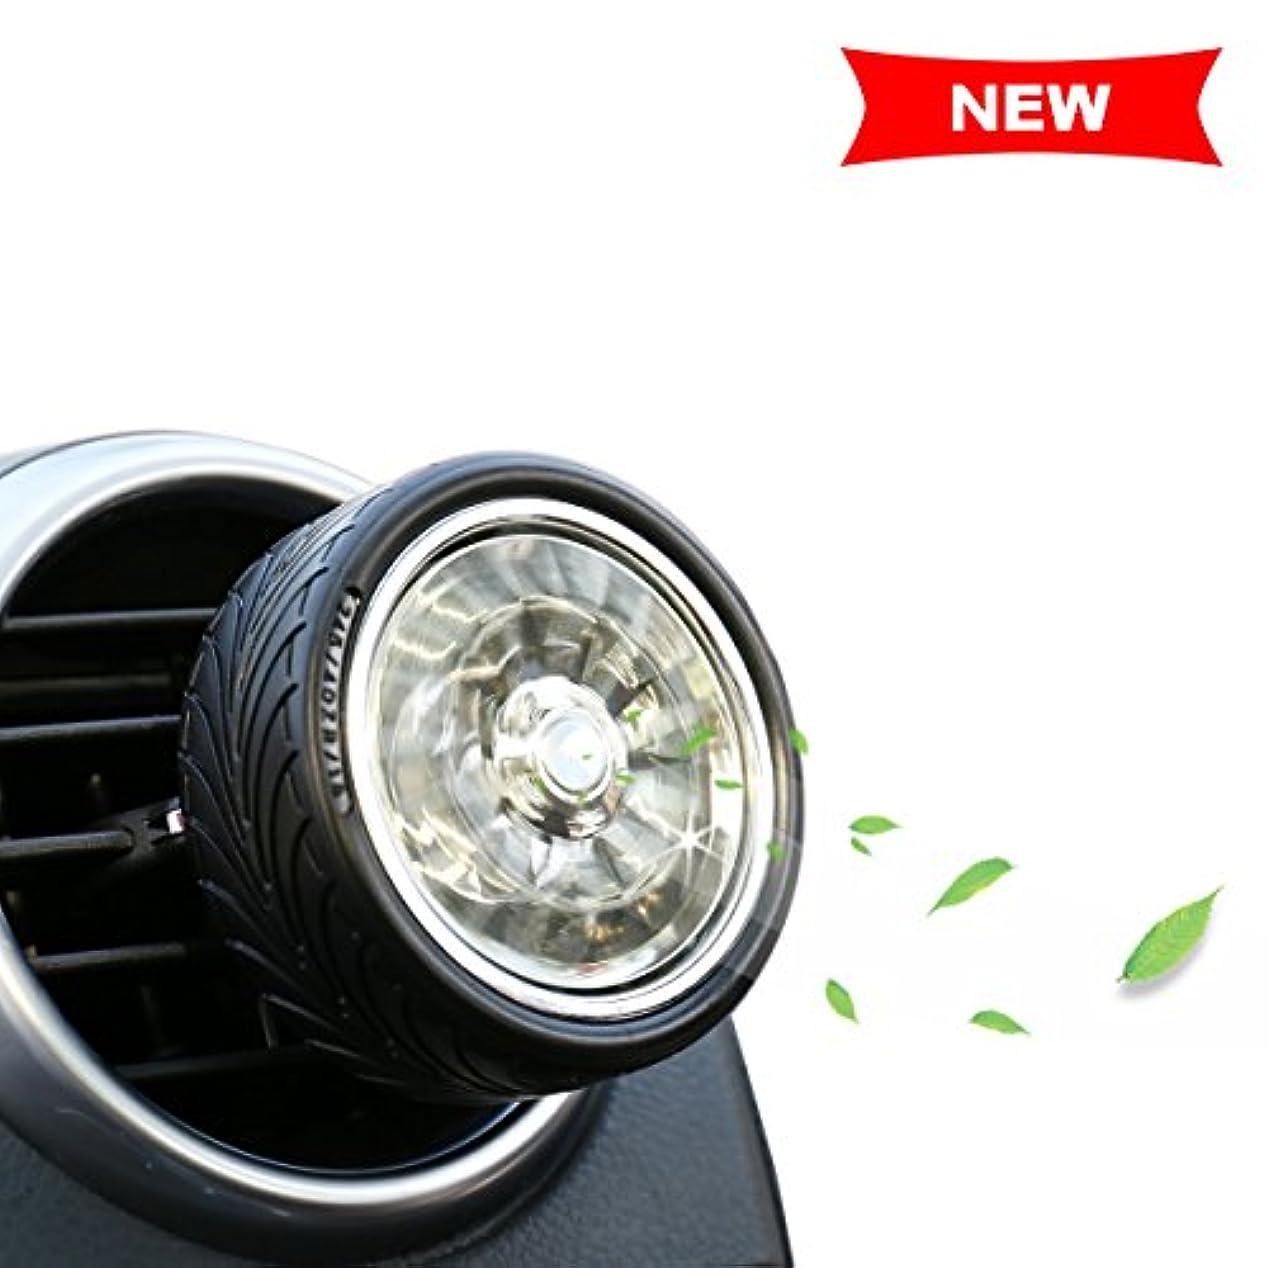 降伏徹底哀Aromatherapy Essential Oil Diffuser Car Air Freshener匂い、煙、臭気削除イオンエアークリーナー、シガレット、ほこり、なアクセサリーの自動車/ RV &車ギフト| CE、...